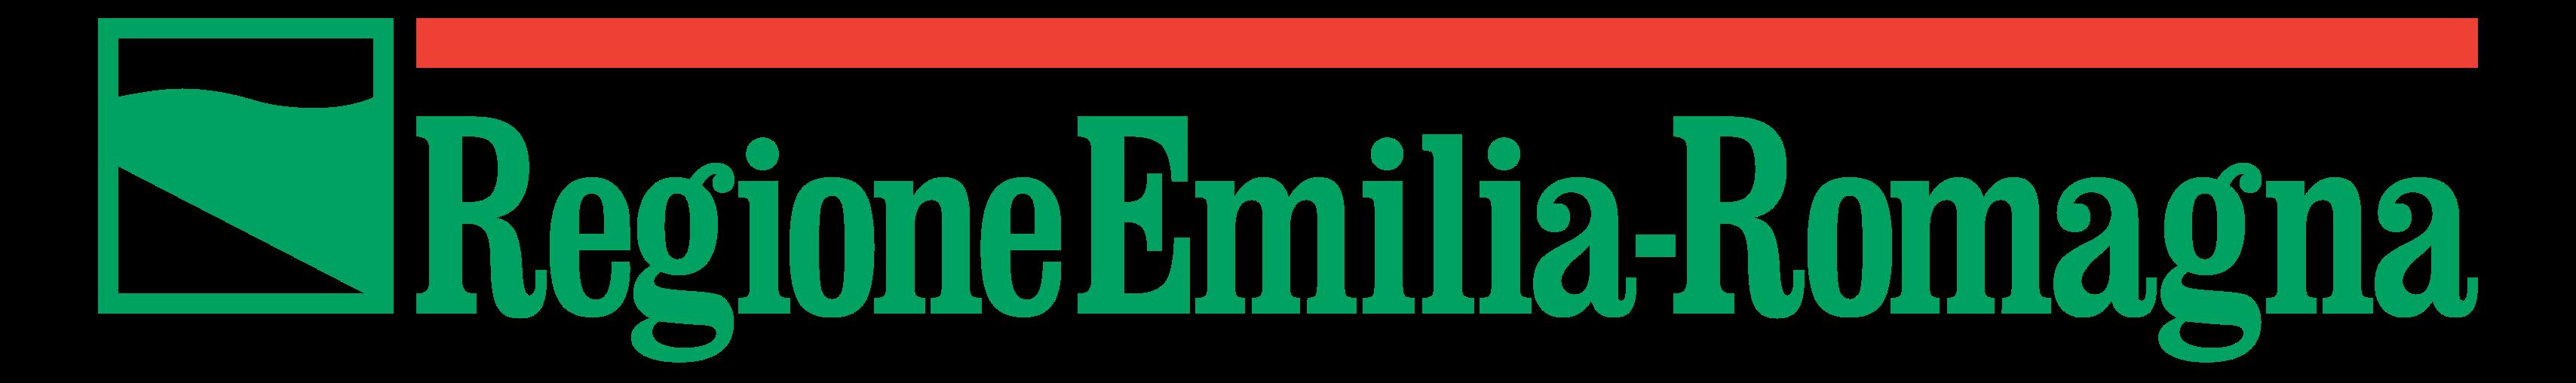 marchio_regione_emilia-romagna